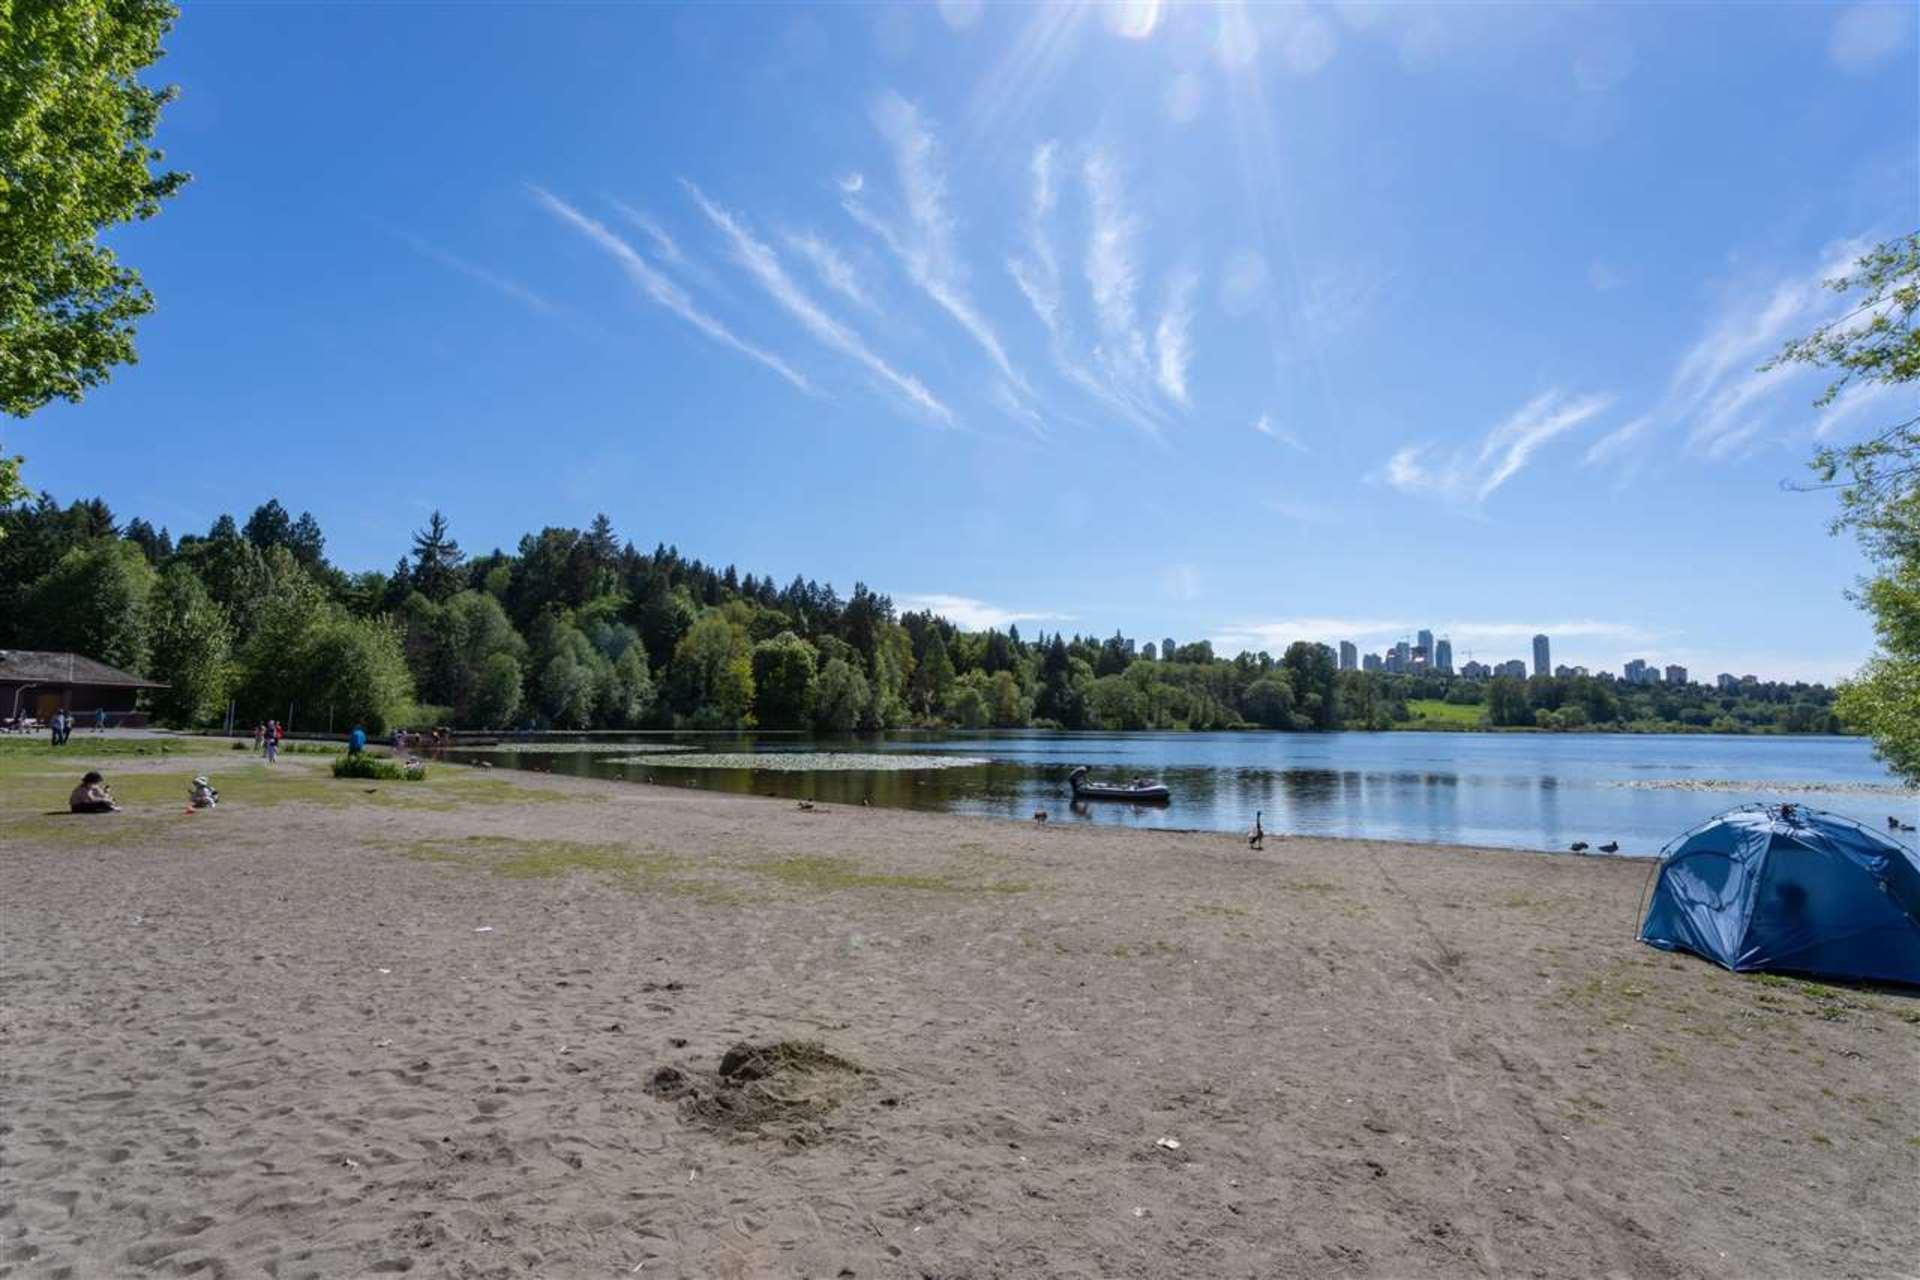 6036-brantford-avenue-upper-deer-lake-burnaby-south-11 at 6036 Brantford Avenue, Upper Deer Lake, Burnaby South